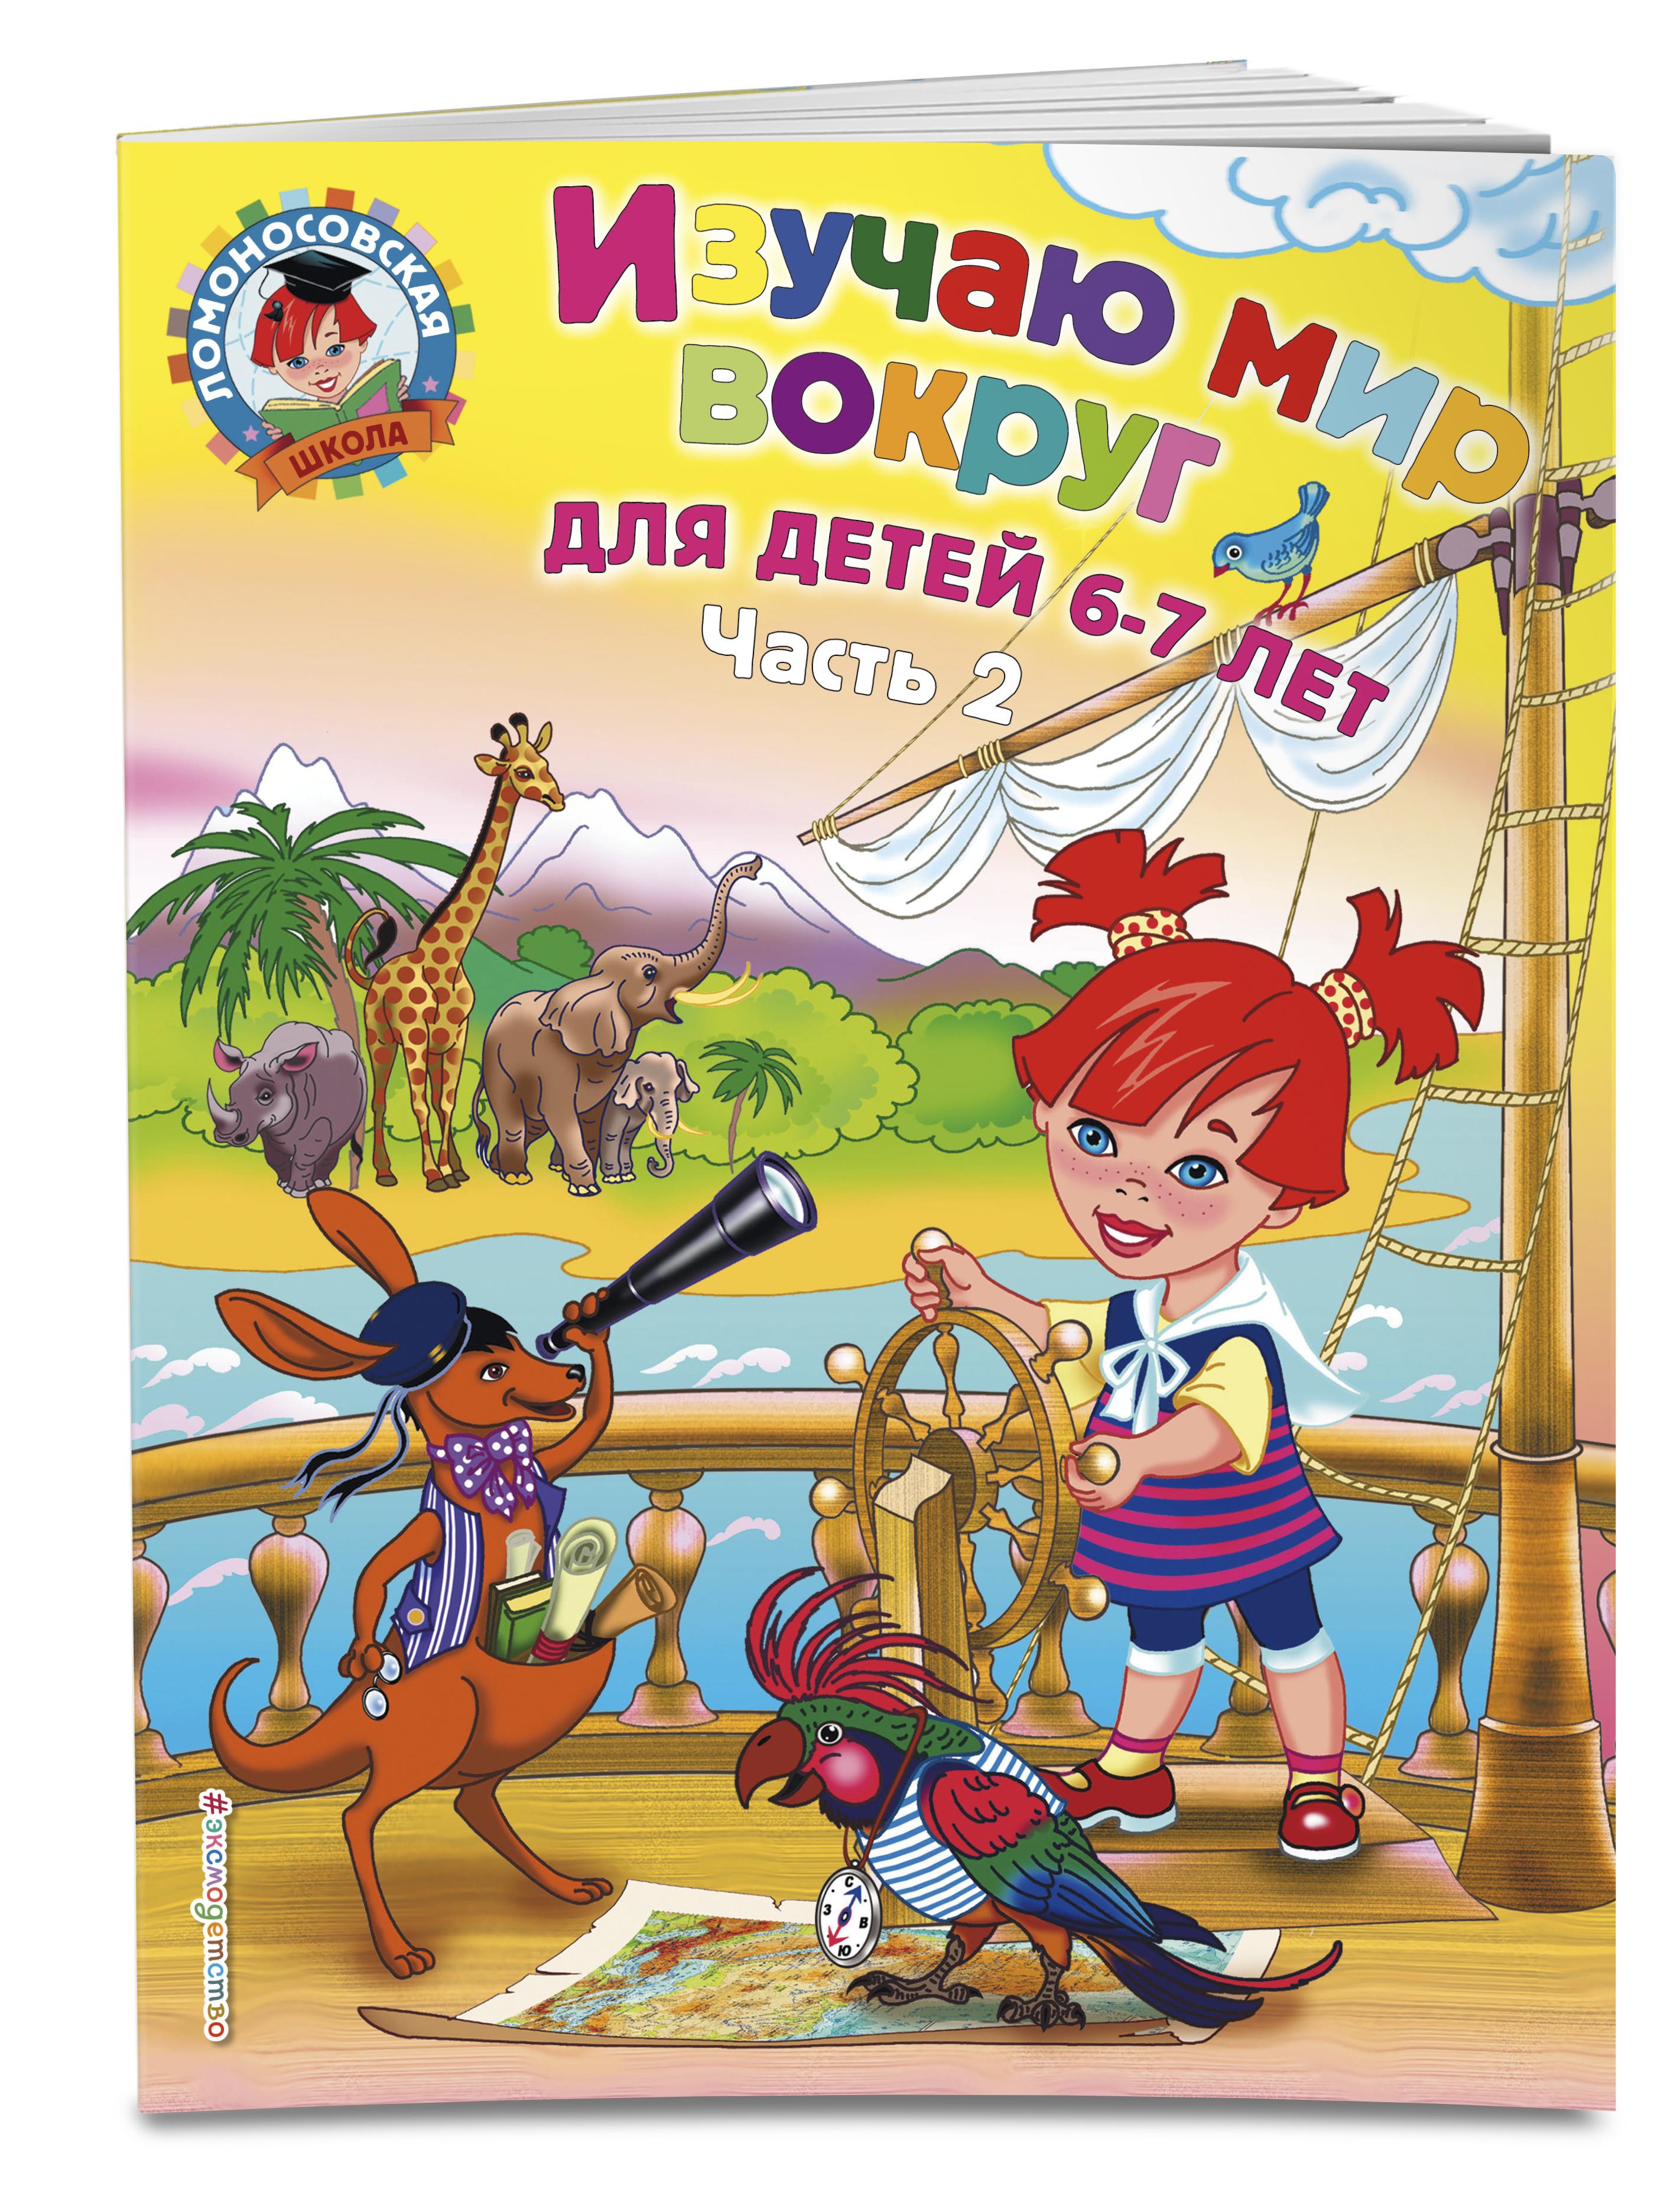 Липская Н.М. Изучаю мир вокруг: для детей 6-7 лет. Ч. 2 книги эксмо изучаю мир вокруг для детей 6 7 лет page 7